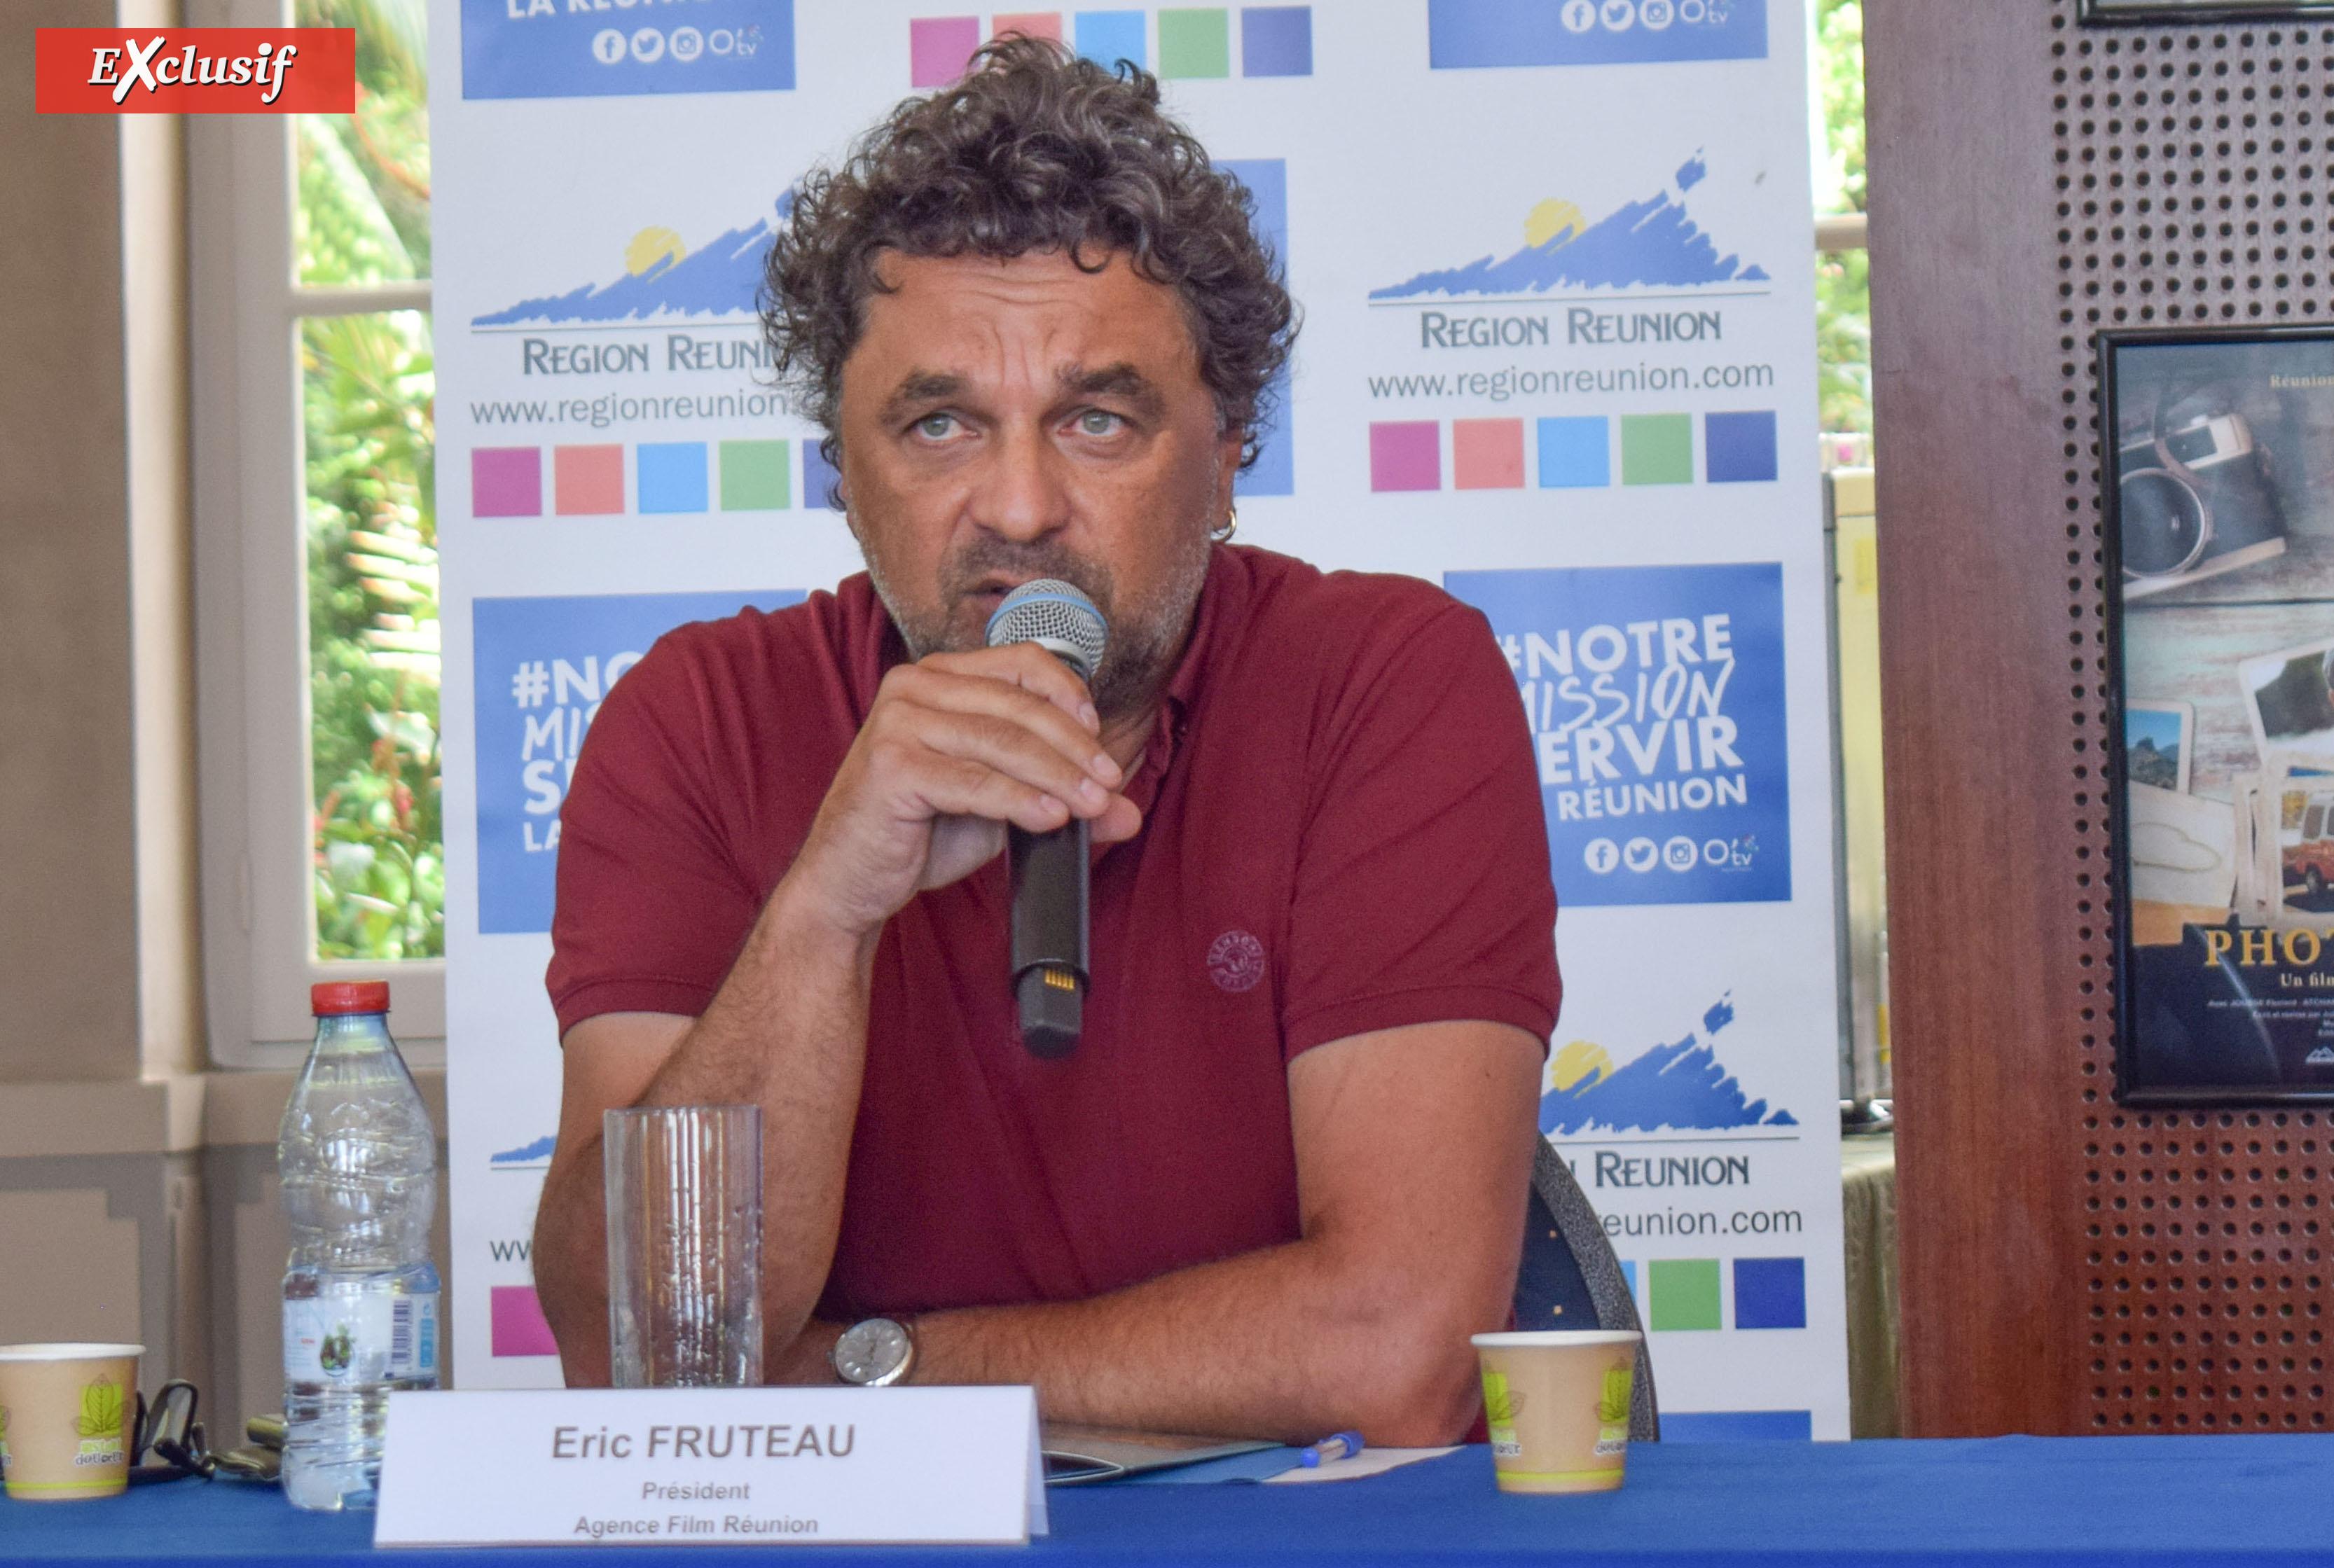 Eric Fruteau, président de l'Agence Film Réunion